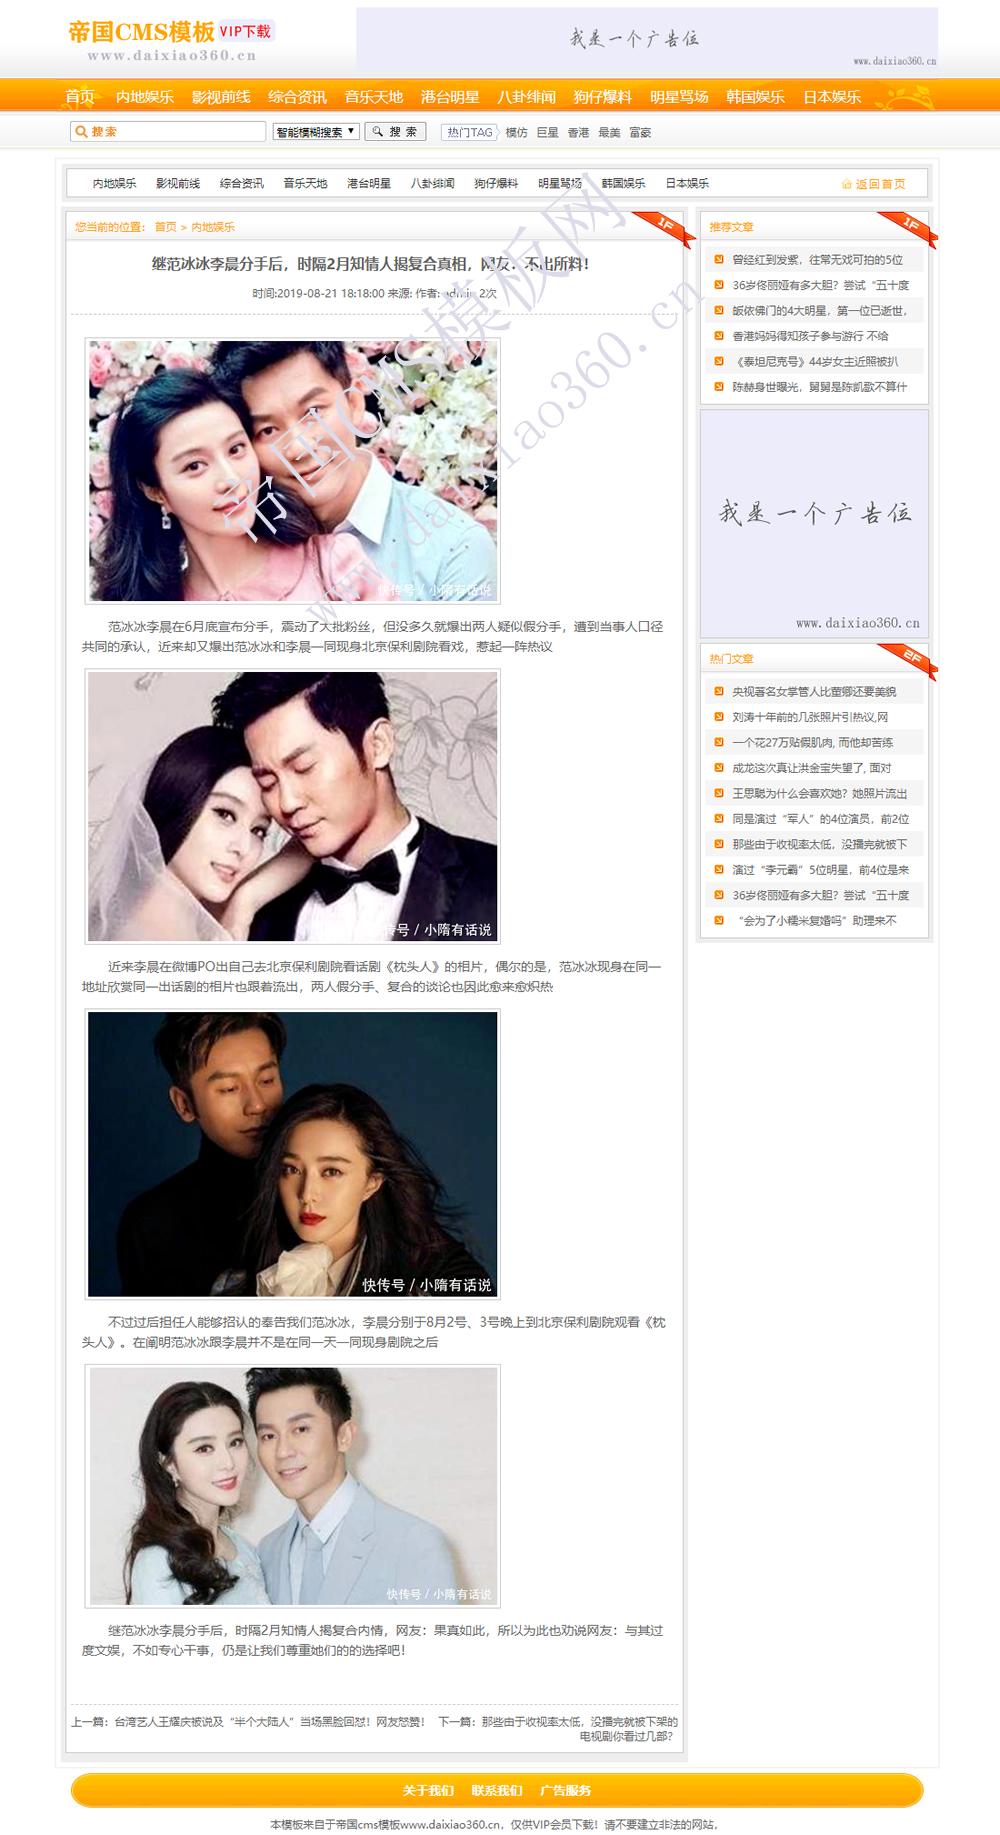 帝国cms橙色娱乐资讯类网站模板下载-内容页